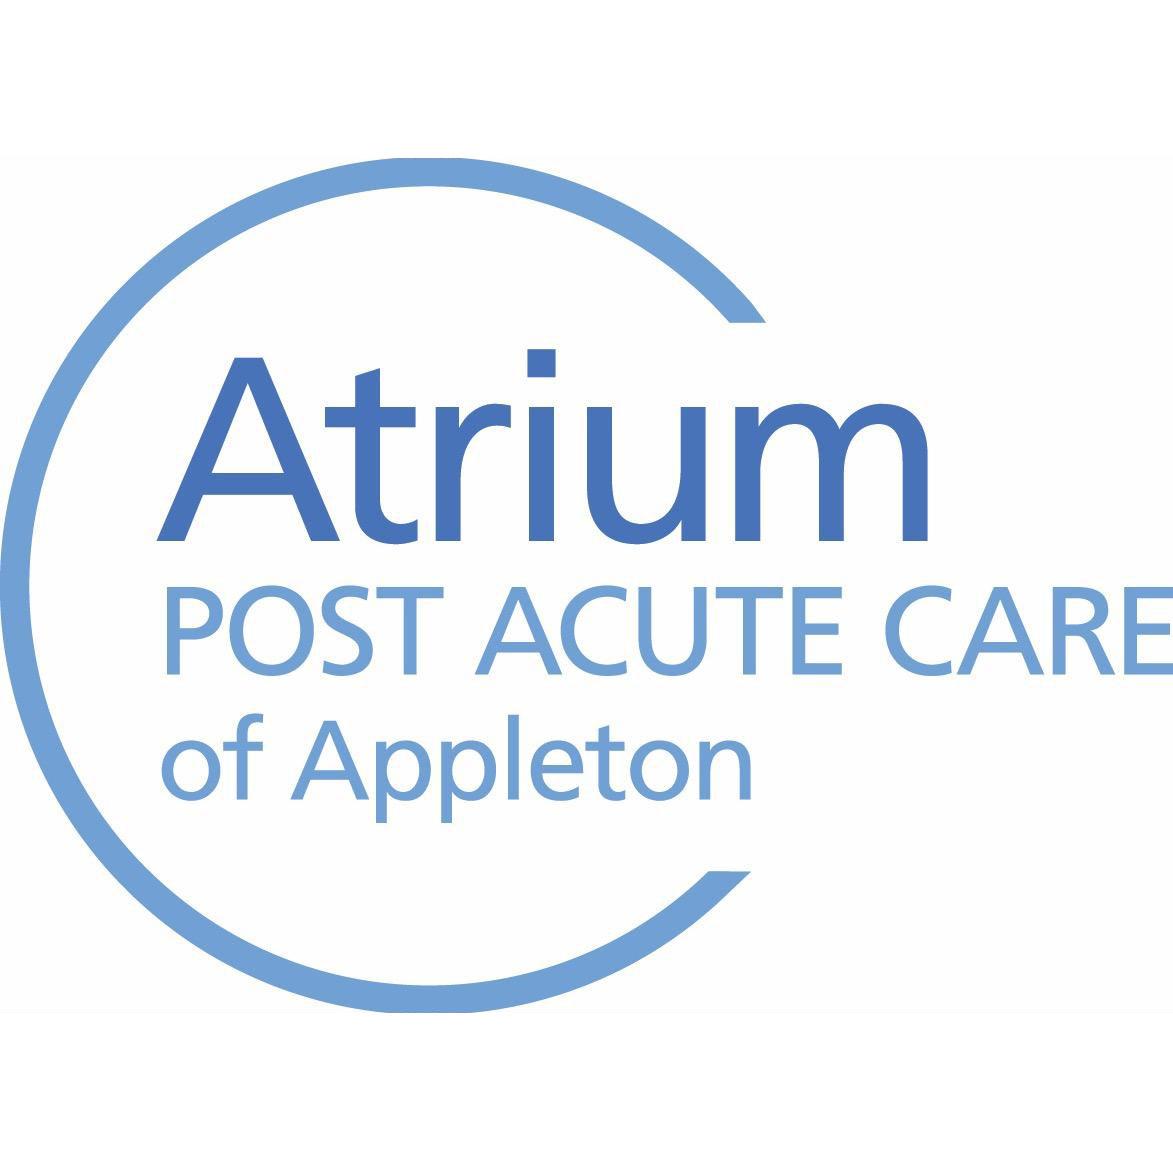 Atrium Post Acute Care of Appleton